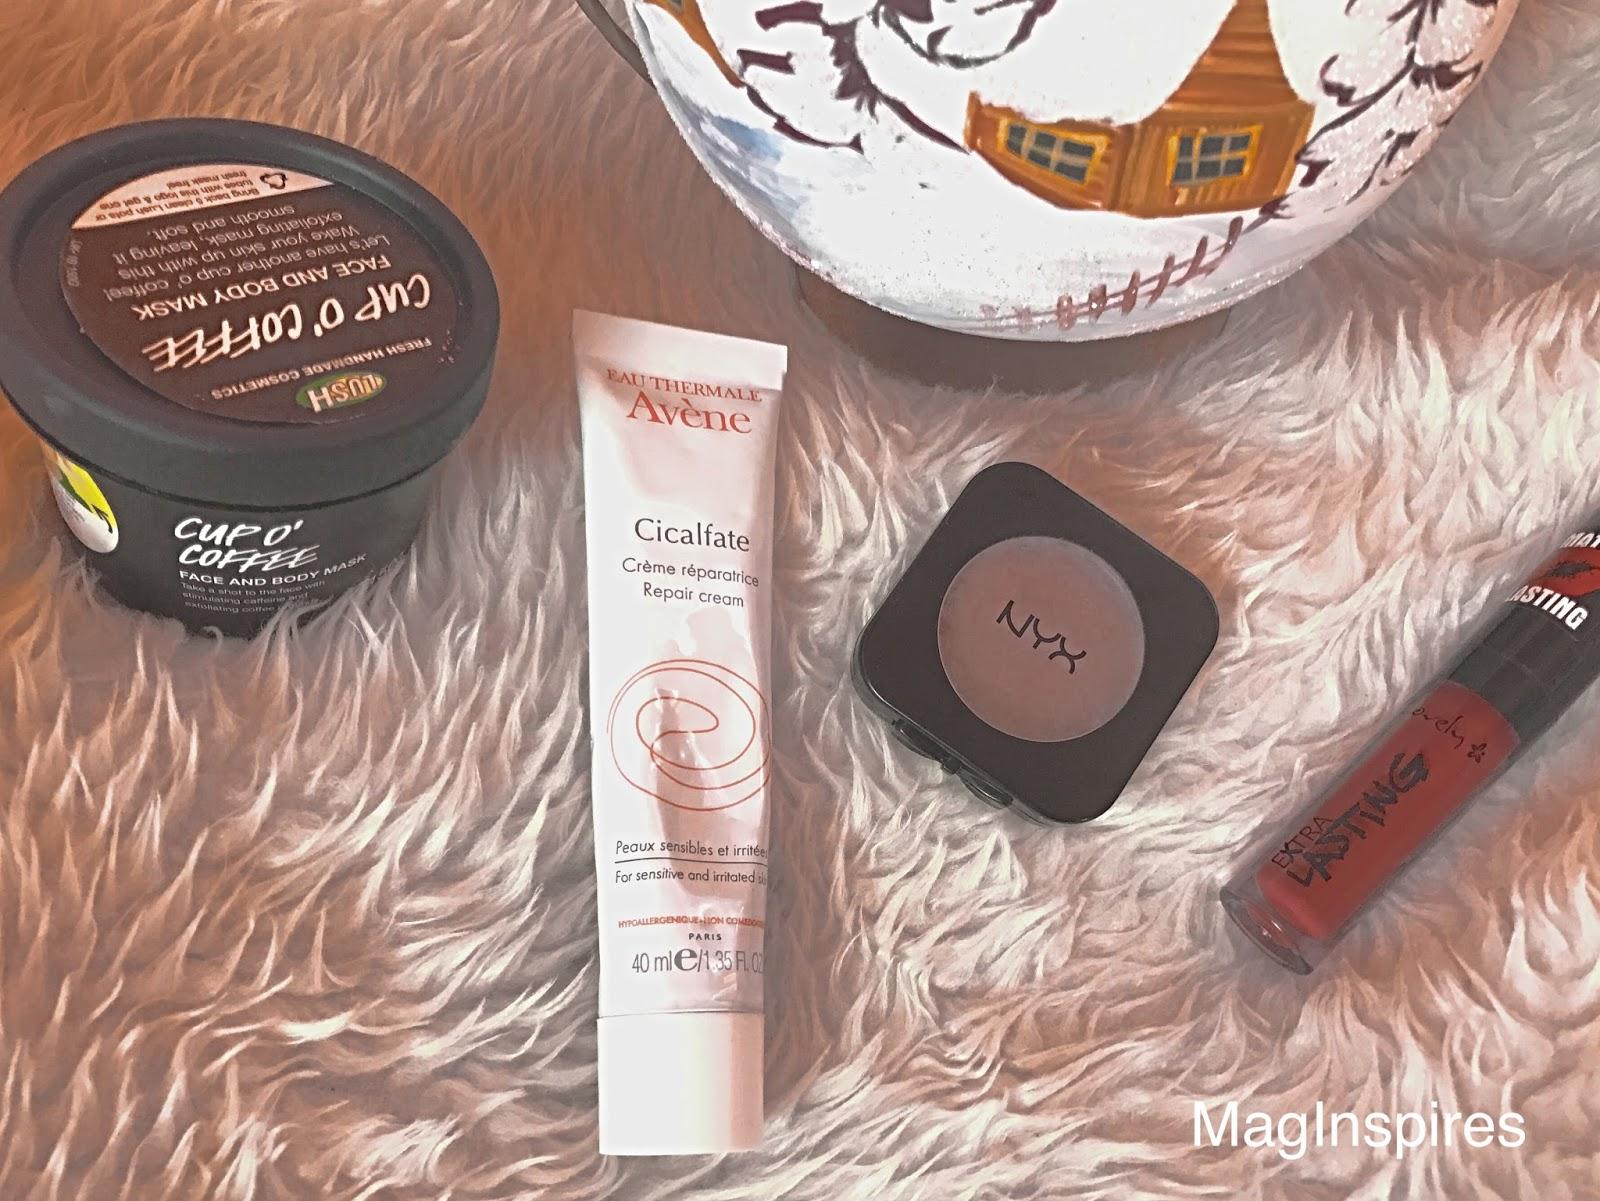 Ulubieńcy grudnia 2016 | MagInspires Beauty Blog